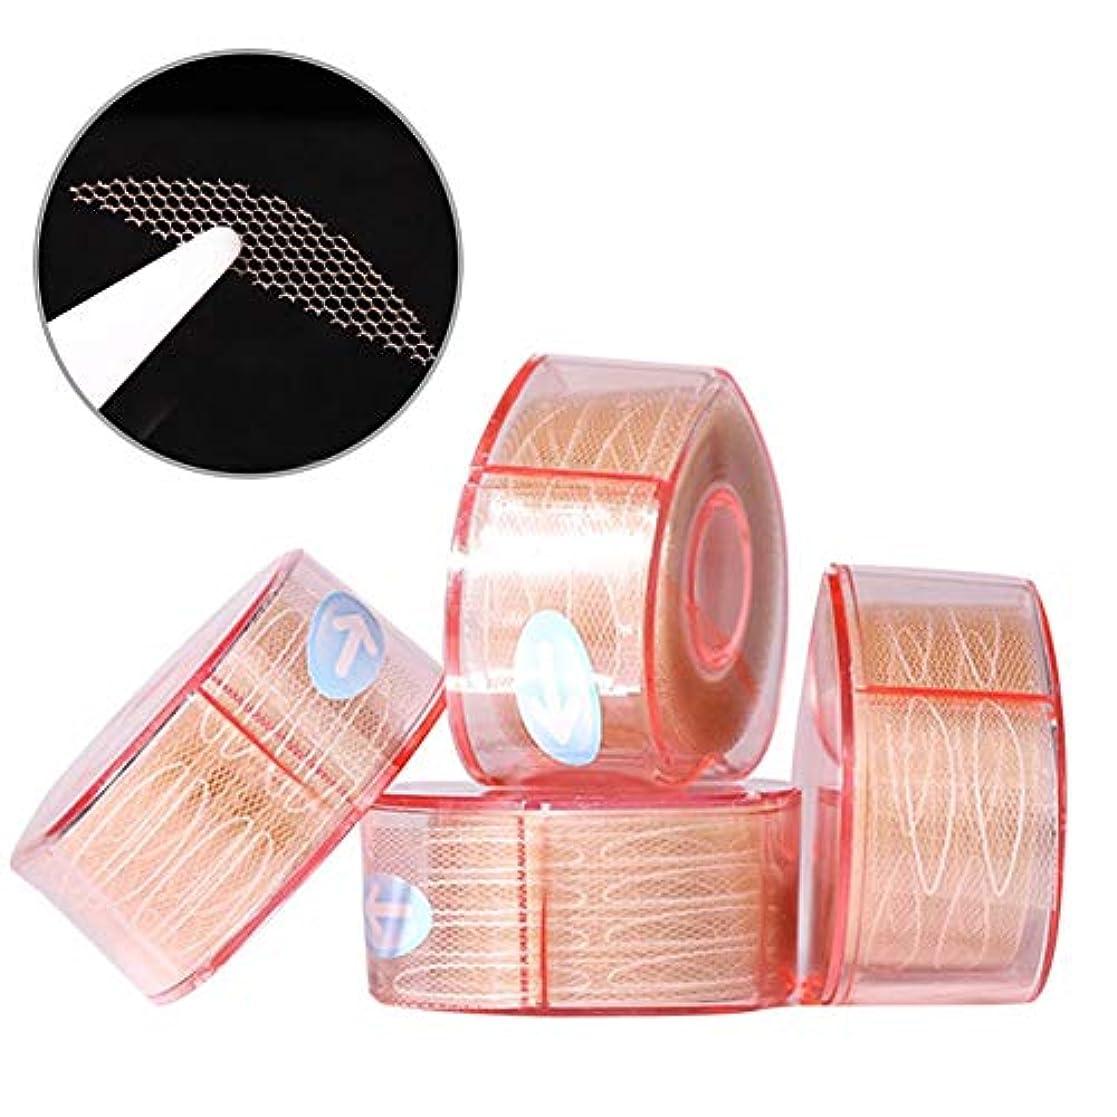 舌な語市民権ナチュラルアイテープ 二重まぶたステッカー 二重まぶたテープ 300組セット メッシュ 見えない バレない 通気性 アイメイク 4タイプ選べる junexi